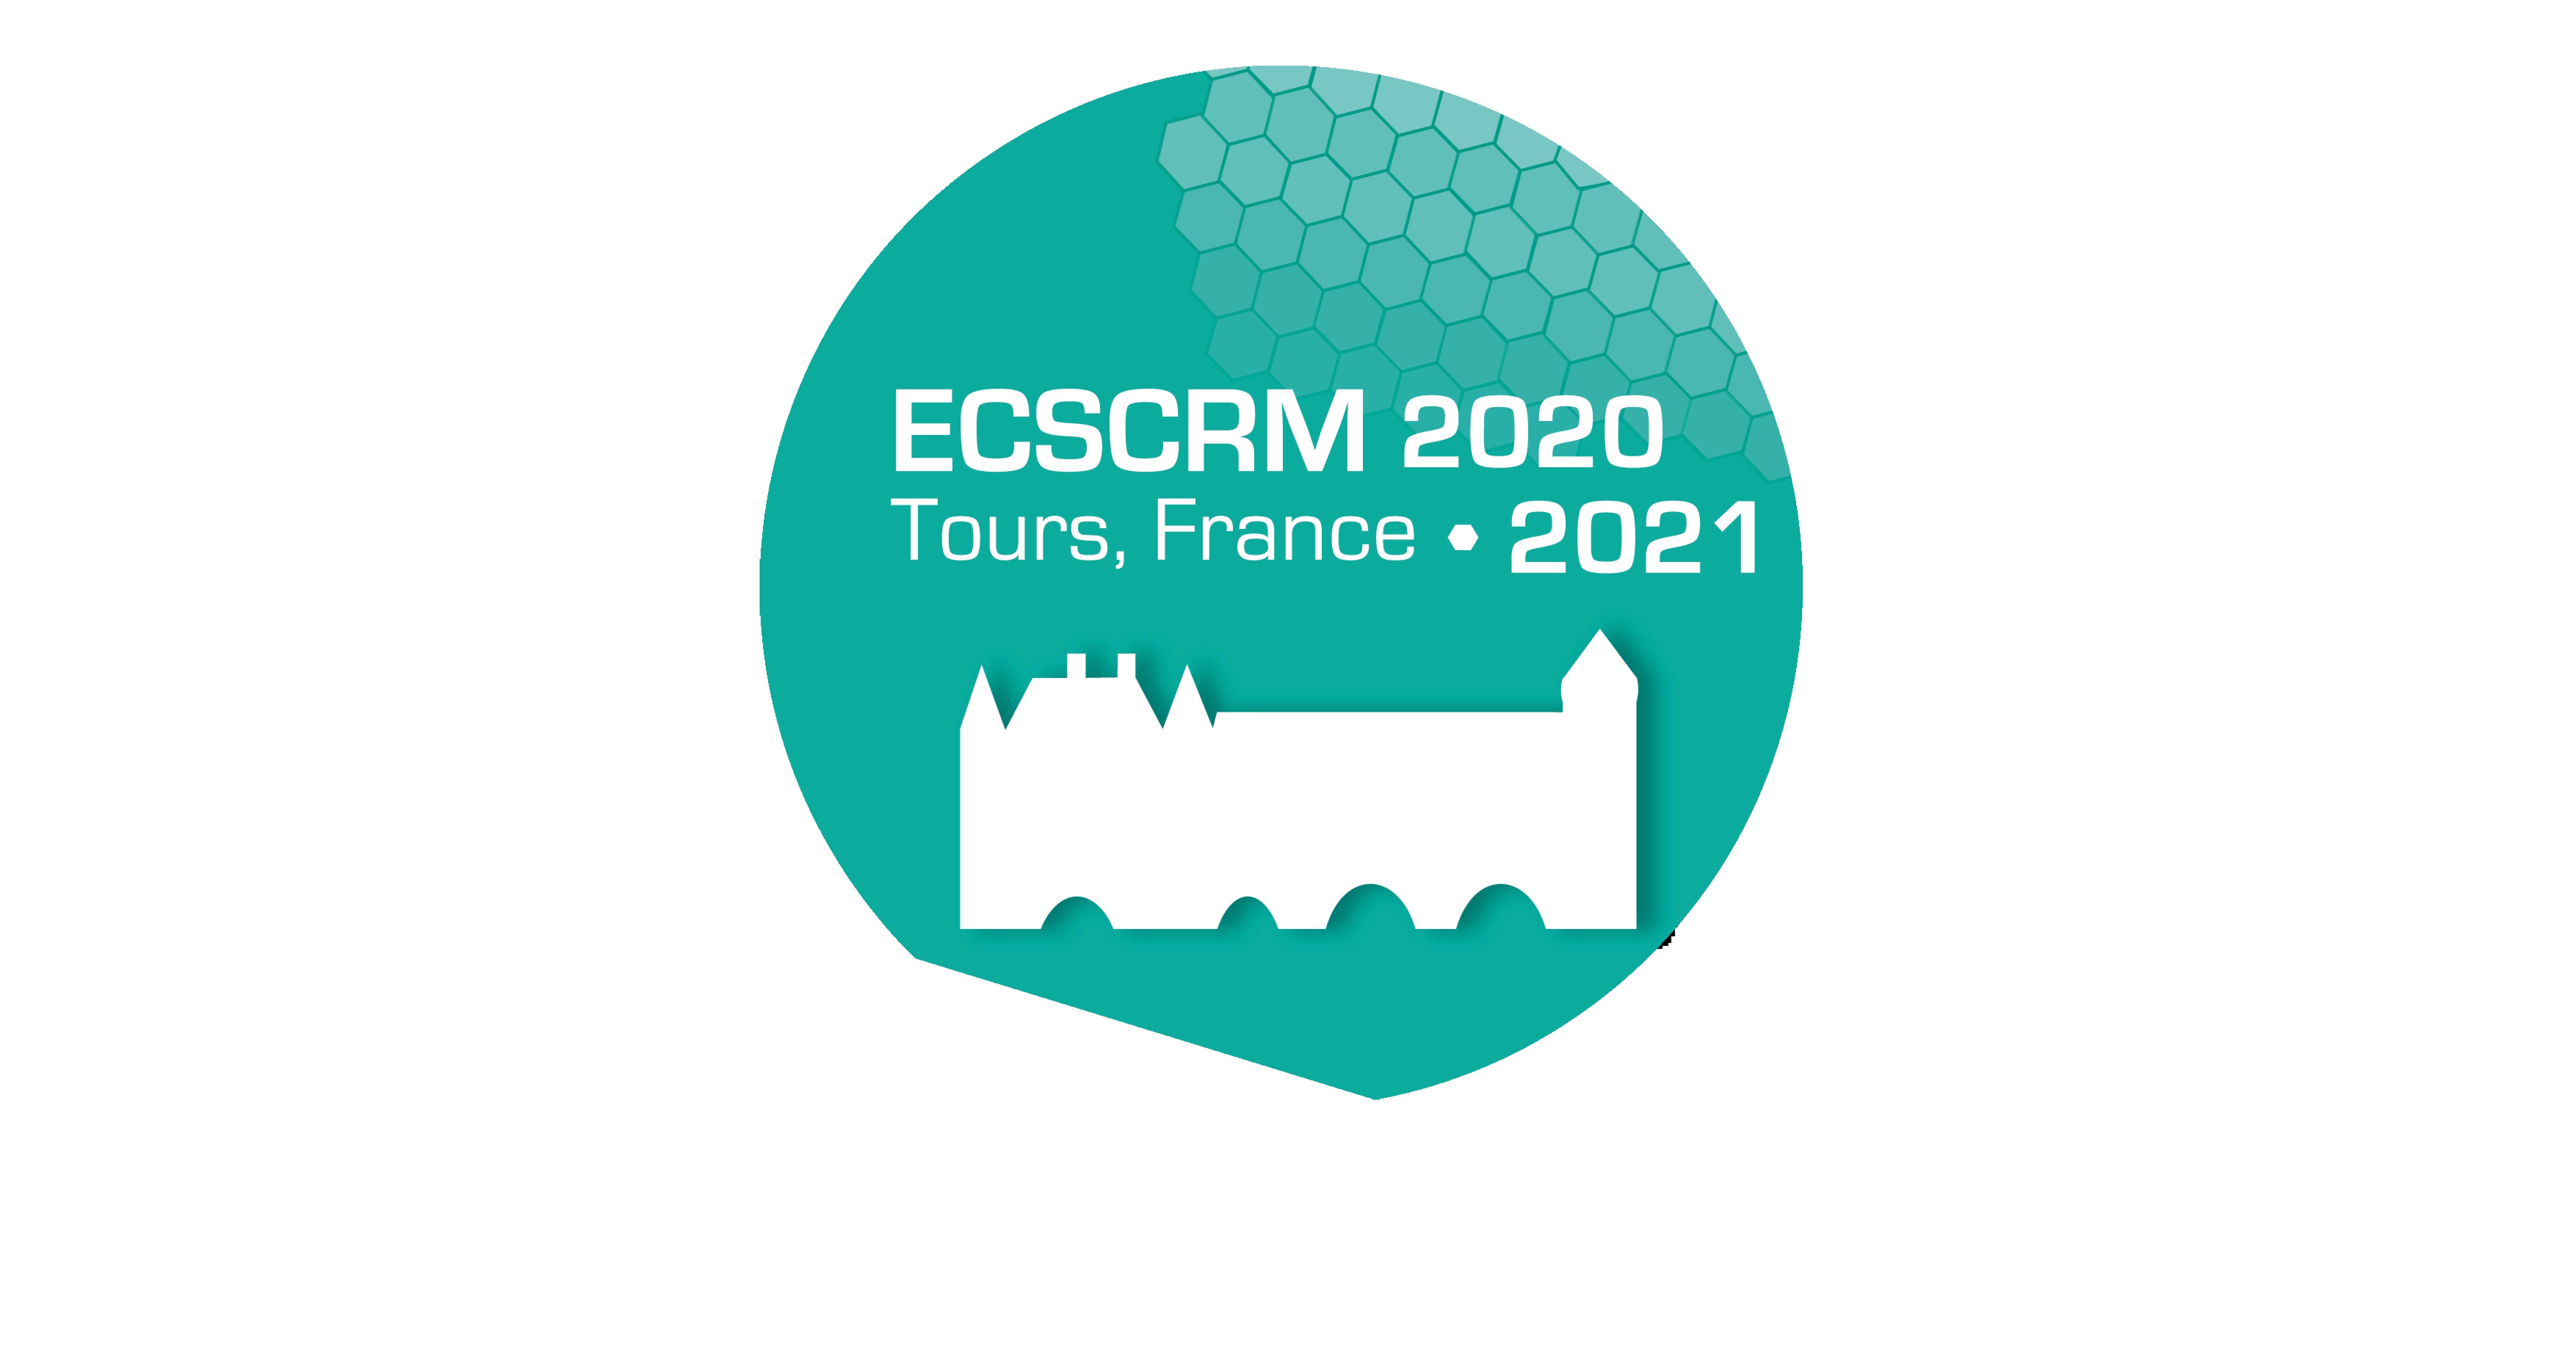 ecscrm 2020 2021